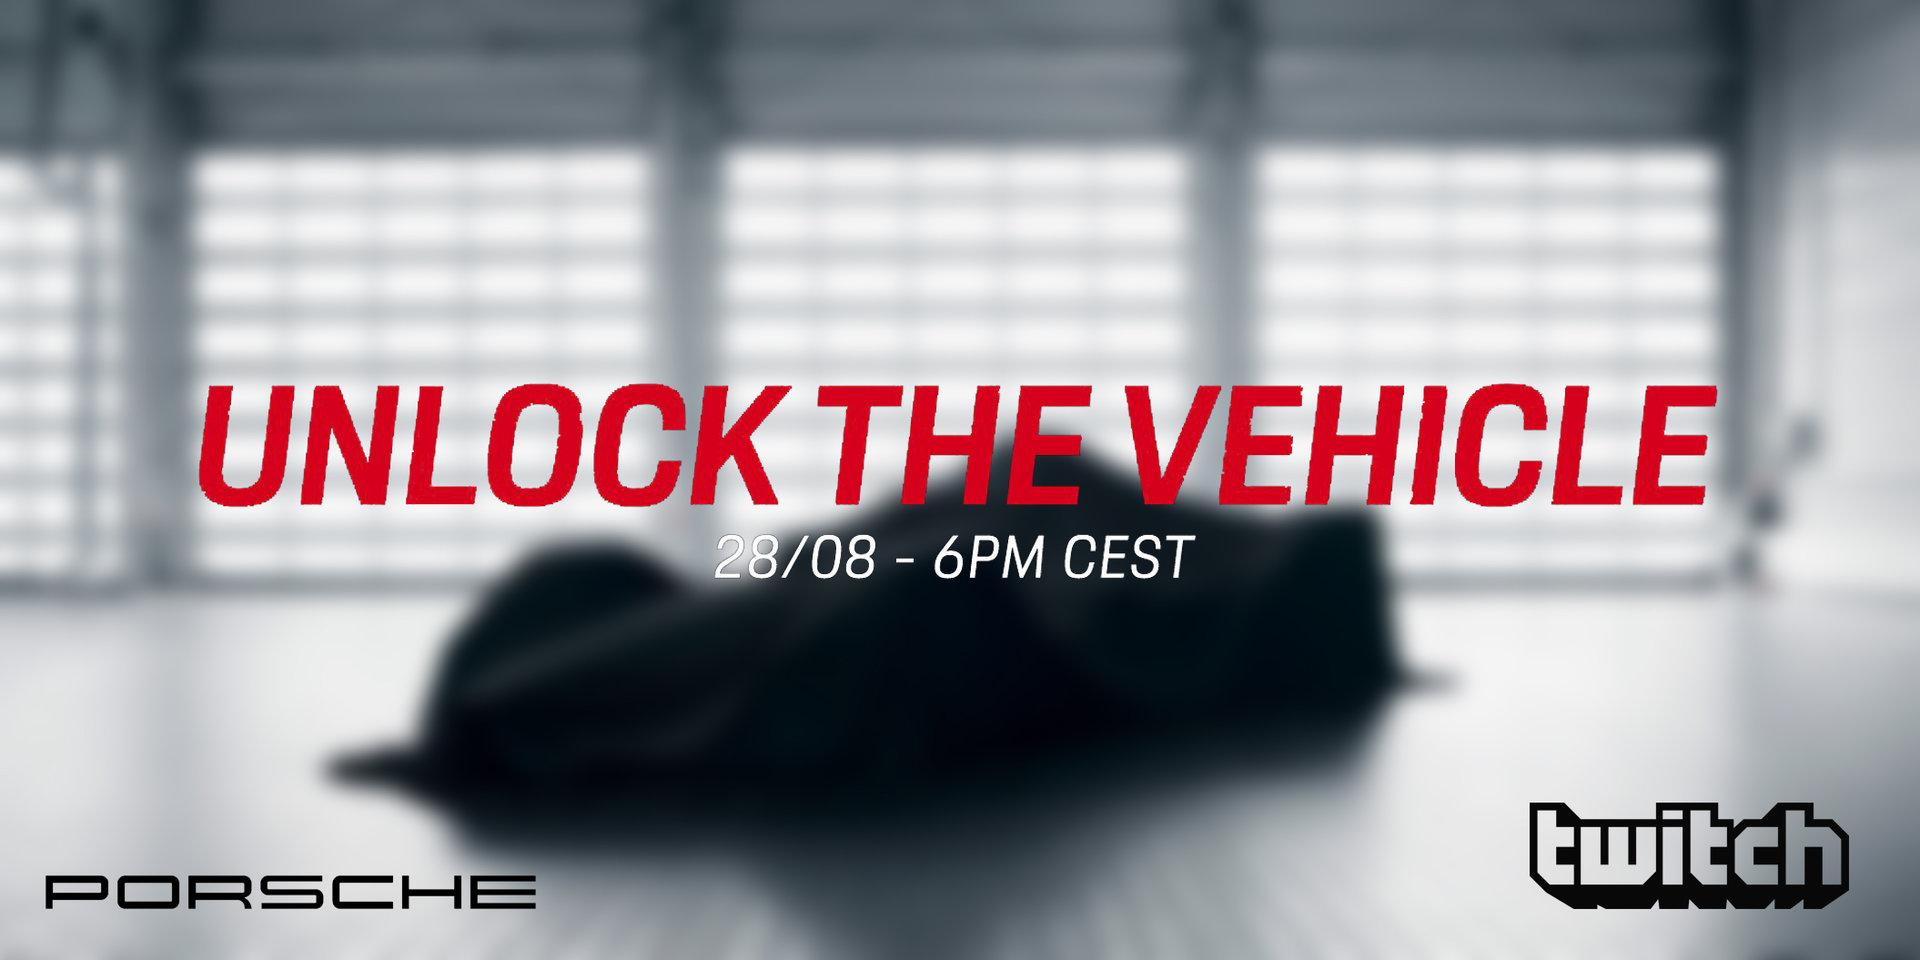 Porsche event Twitch